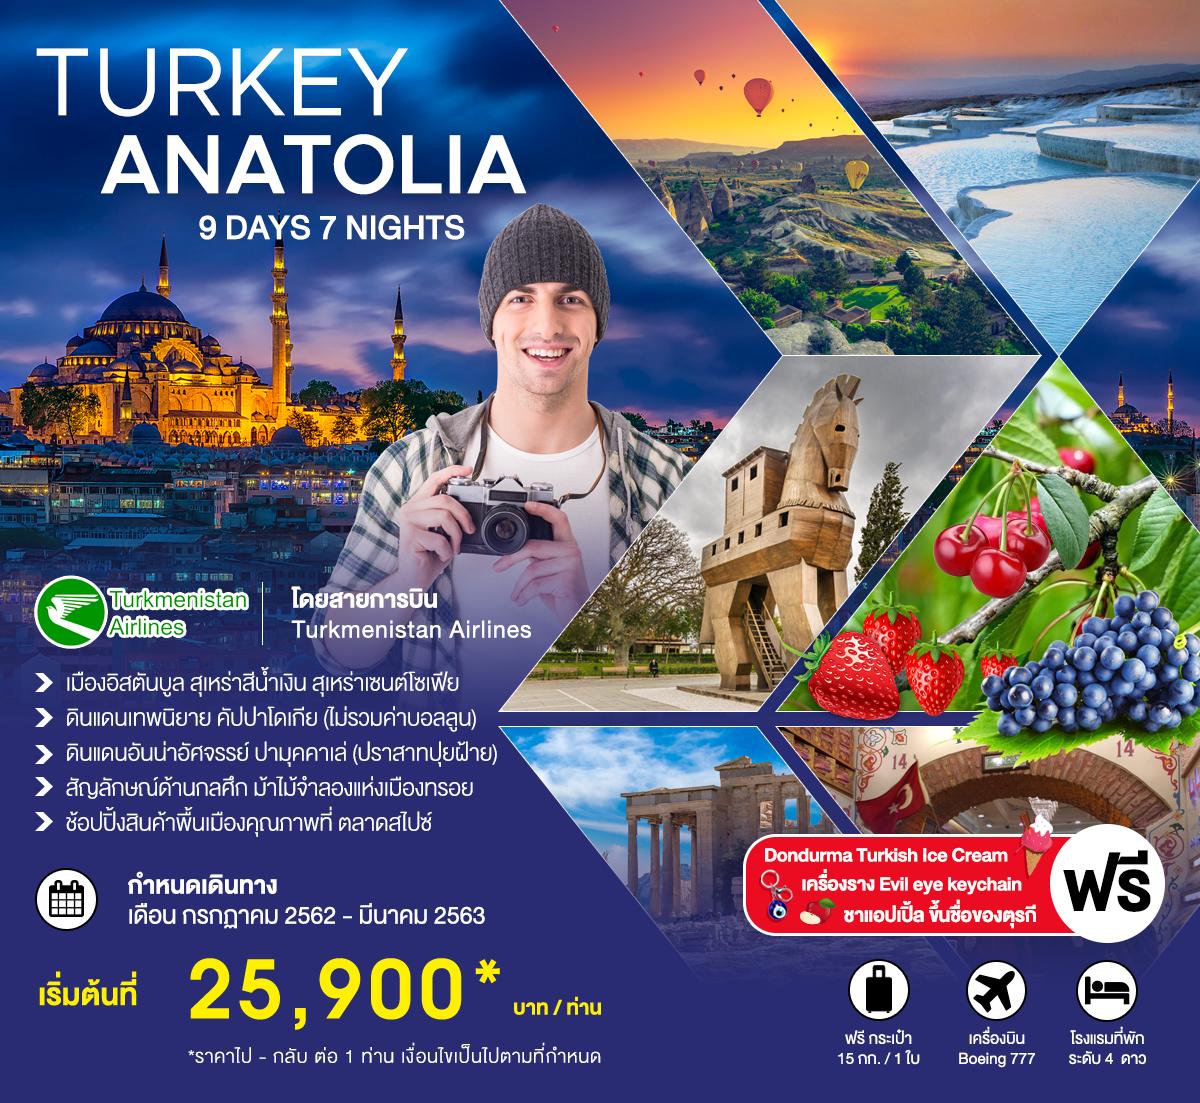 ทัวร์ตุรกี TURKEY ANATOLIA 9 วัน 7 คืน